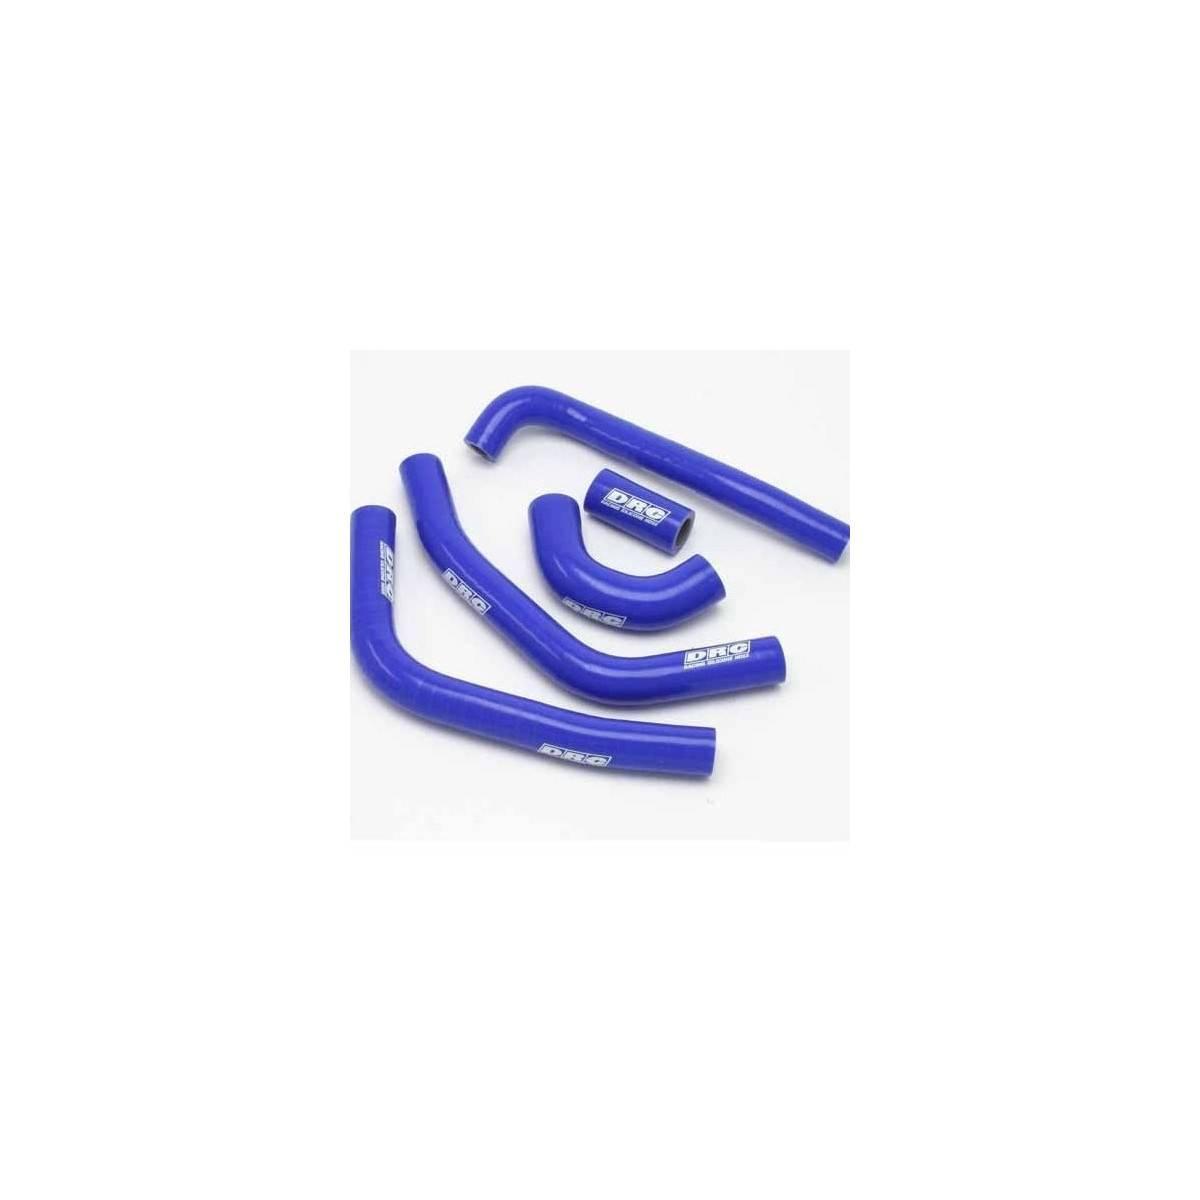 D47.01.222 - Kit Manguitos Kawa Kx85 ´14 Azul